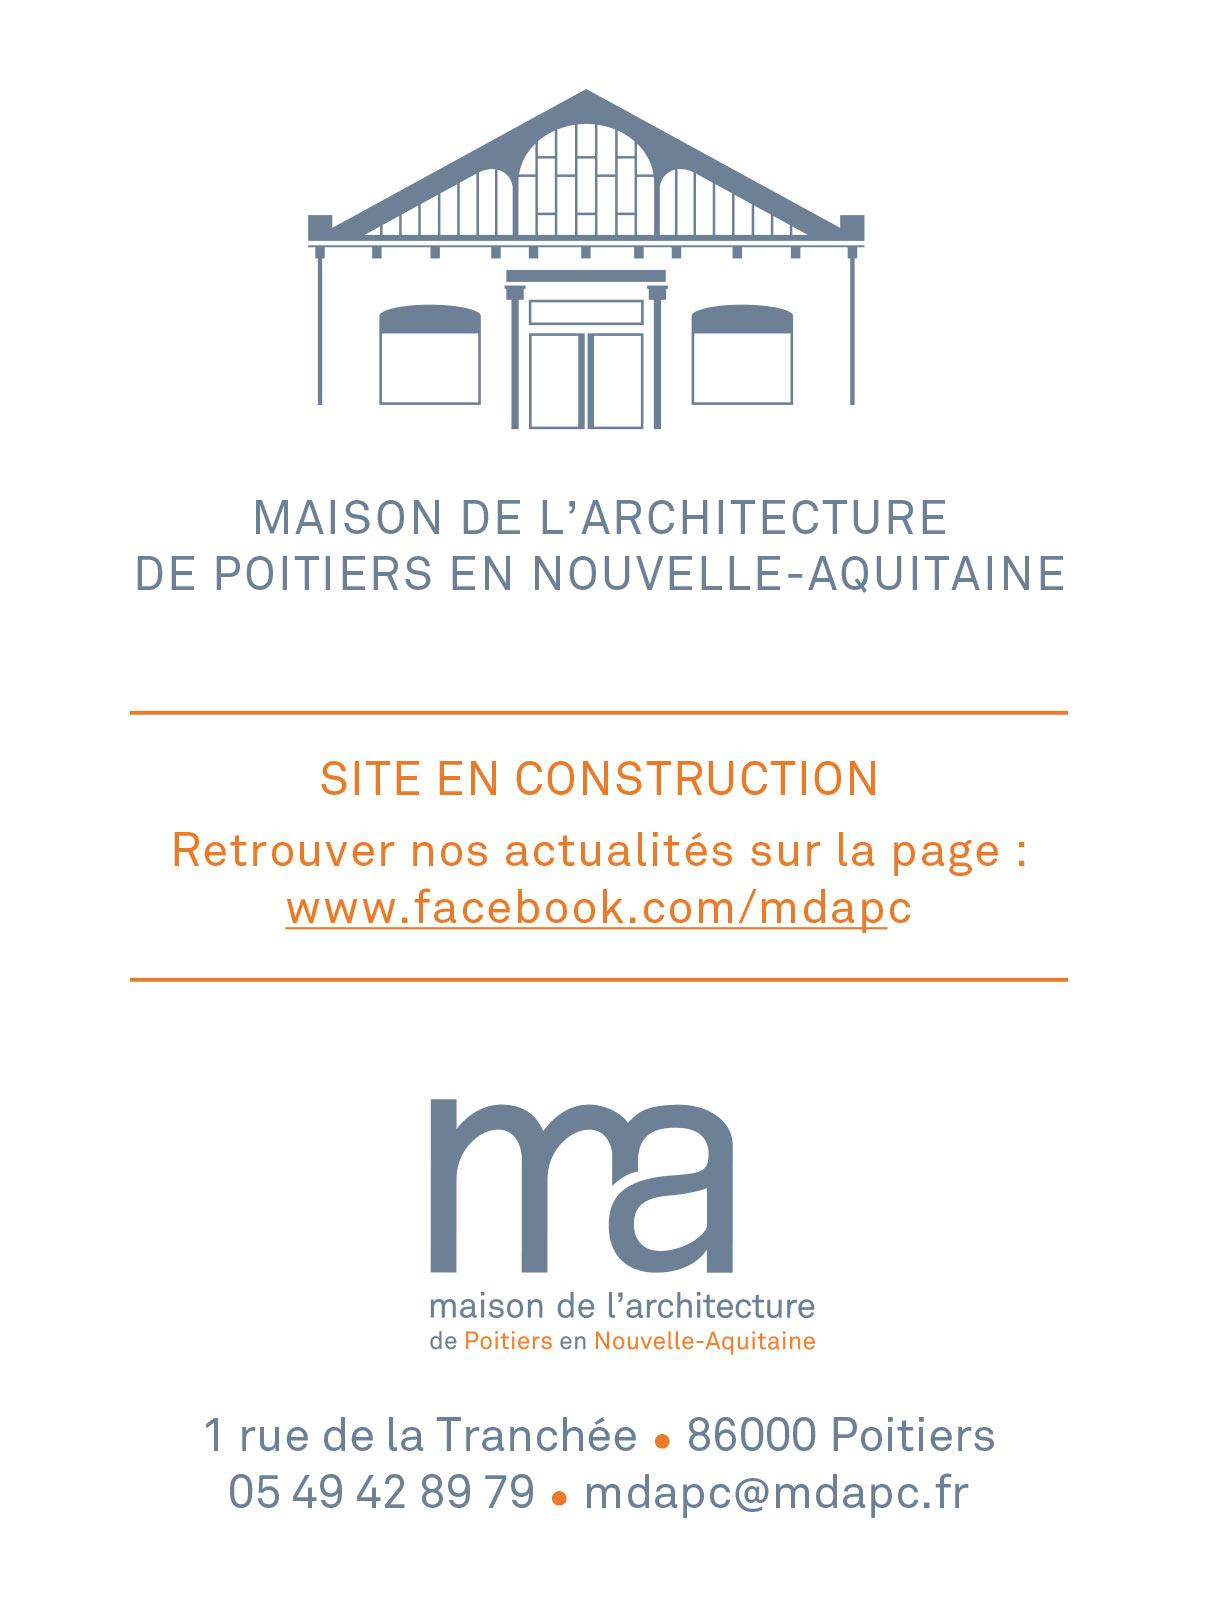 Maison de l'Architecture de Poitiers en Nouvelle-Aquitaine - SITE EN CONSTRUCTION - Contact : 05 49 42 89 79